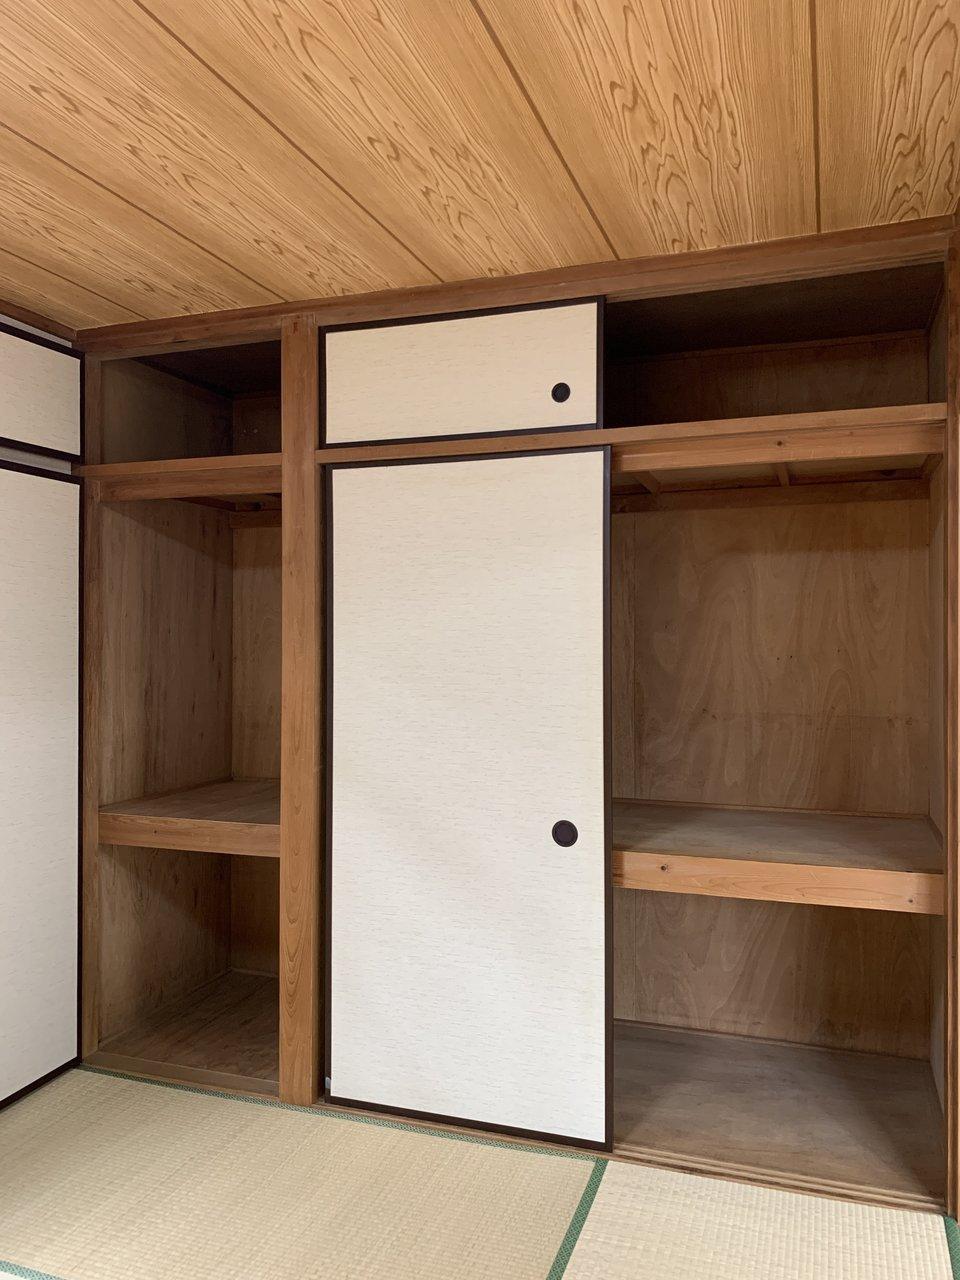 和室にある収納スペースは押入れタイプなので、大容量!奥行きもあるので、一人暮らし分の荷物の収納には困らなそうですね。